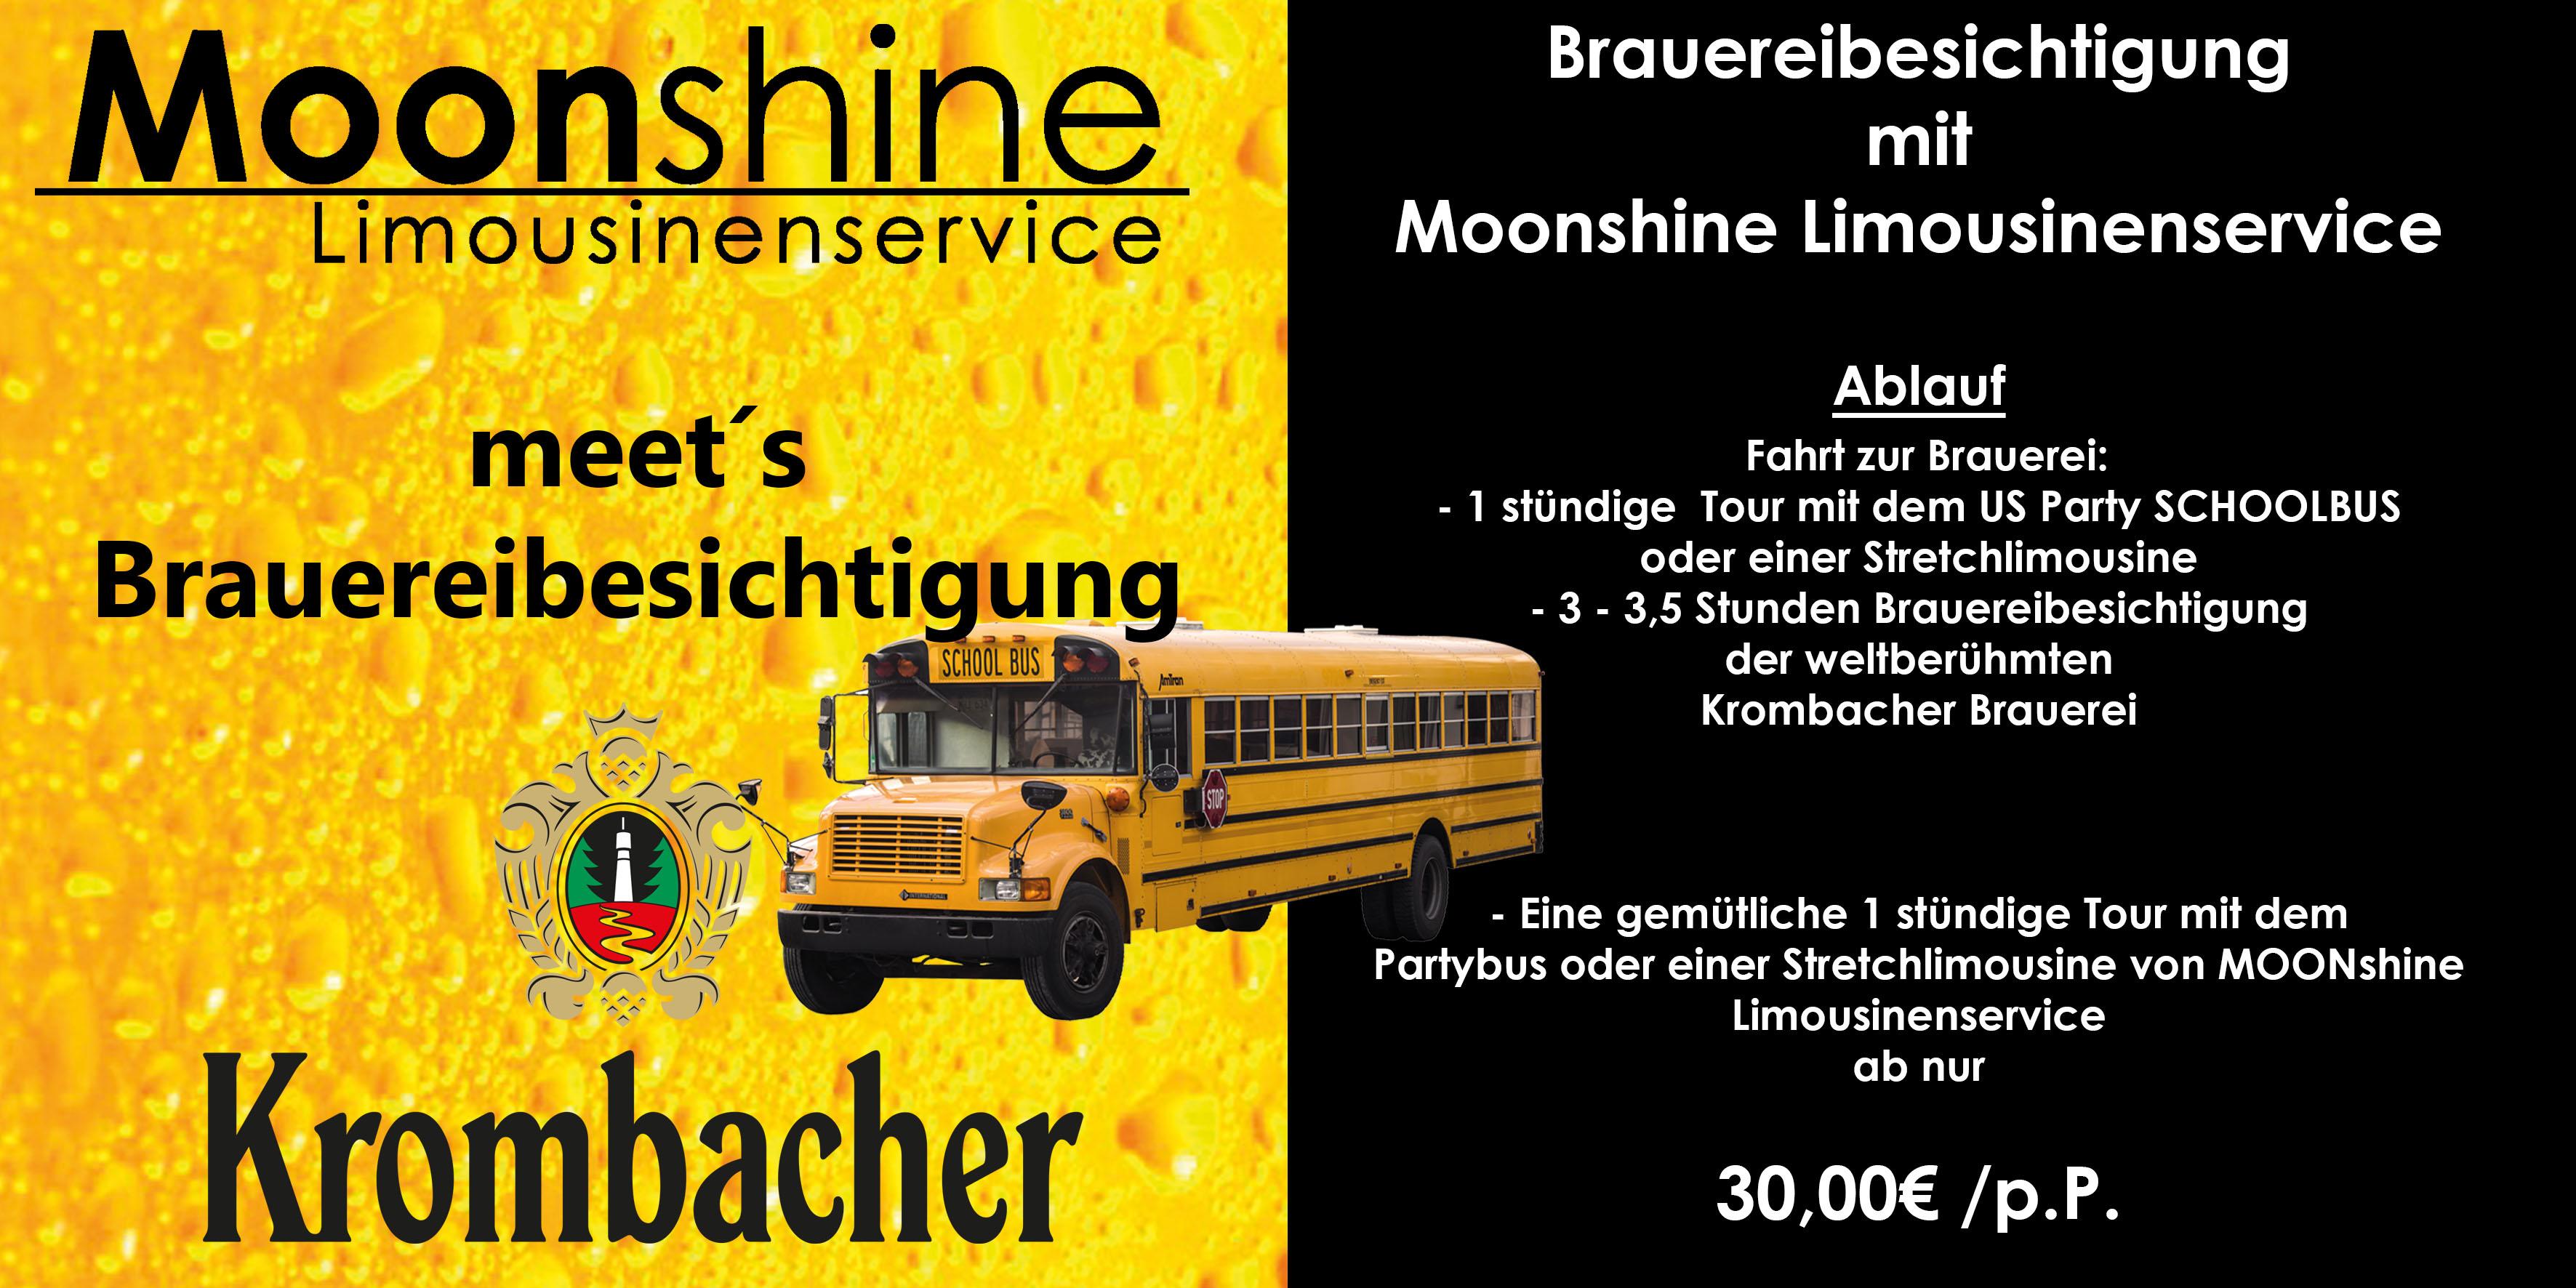 Brauereibesichtigung Partybus Krombacher Bier Pils Siegen Olpe Sauerland